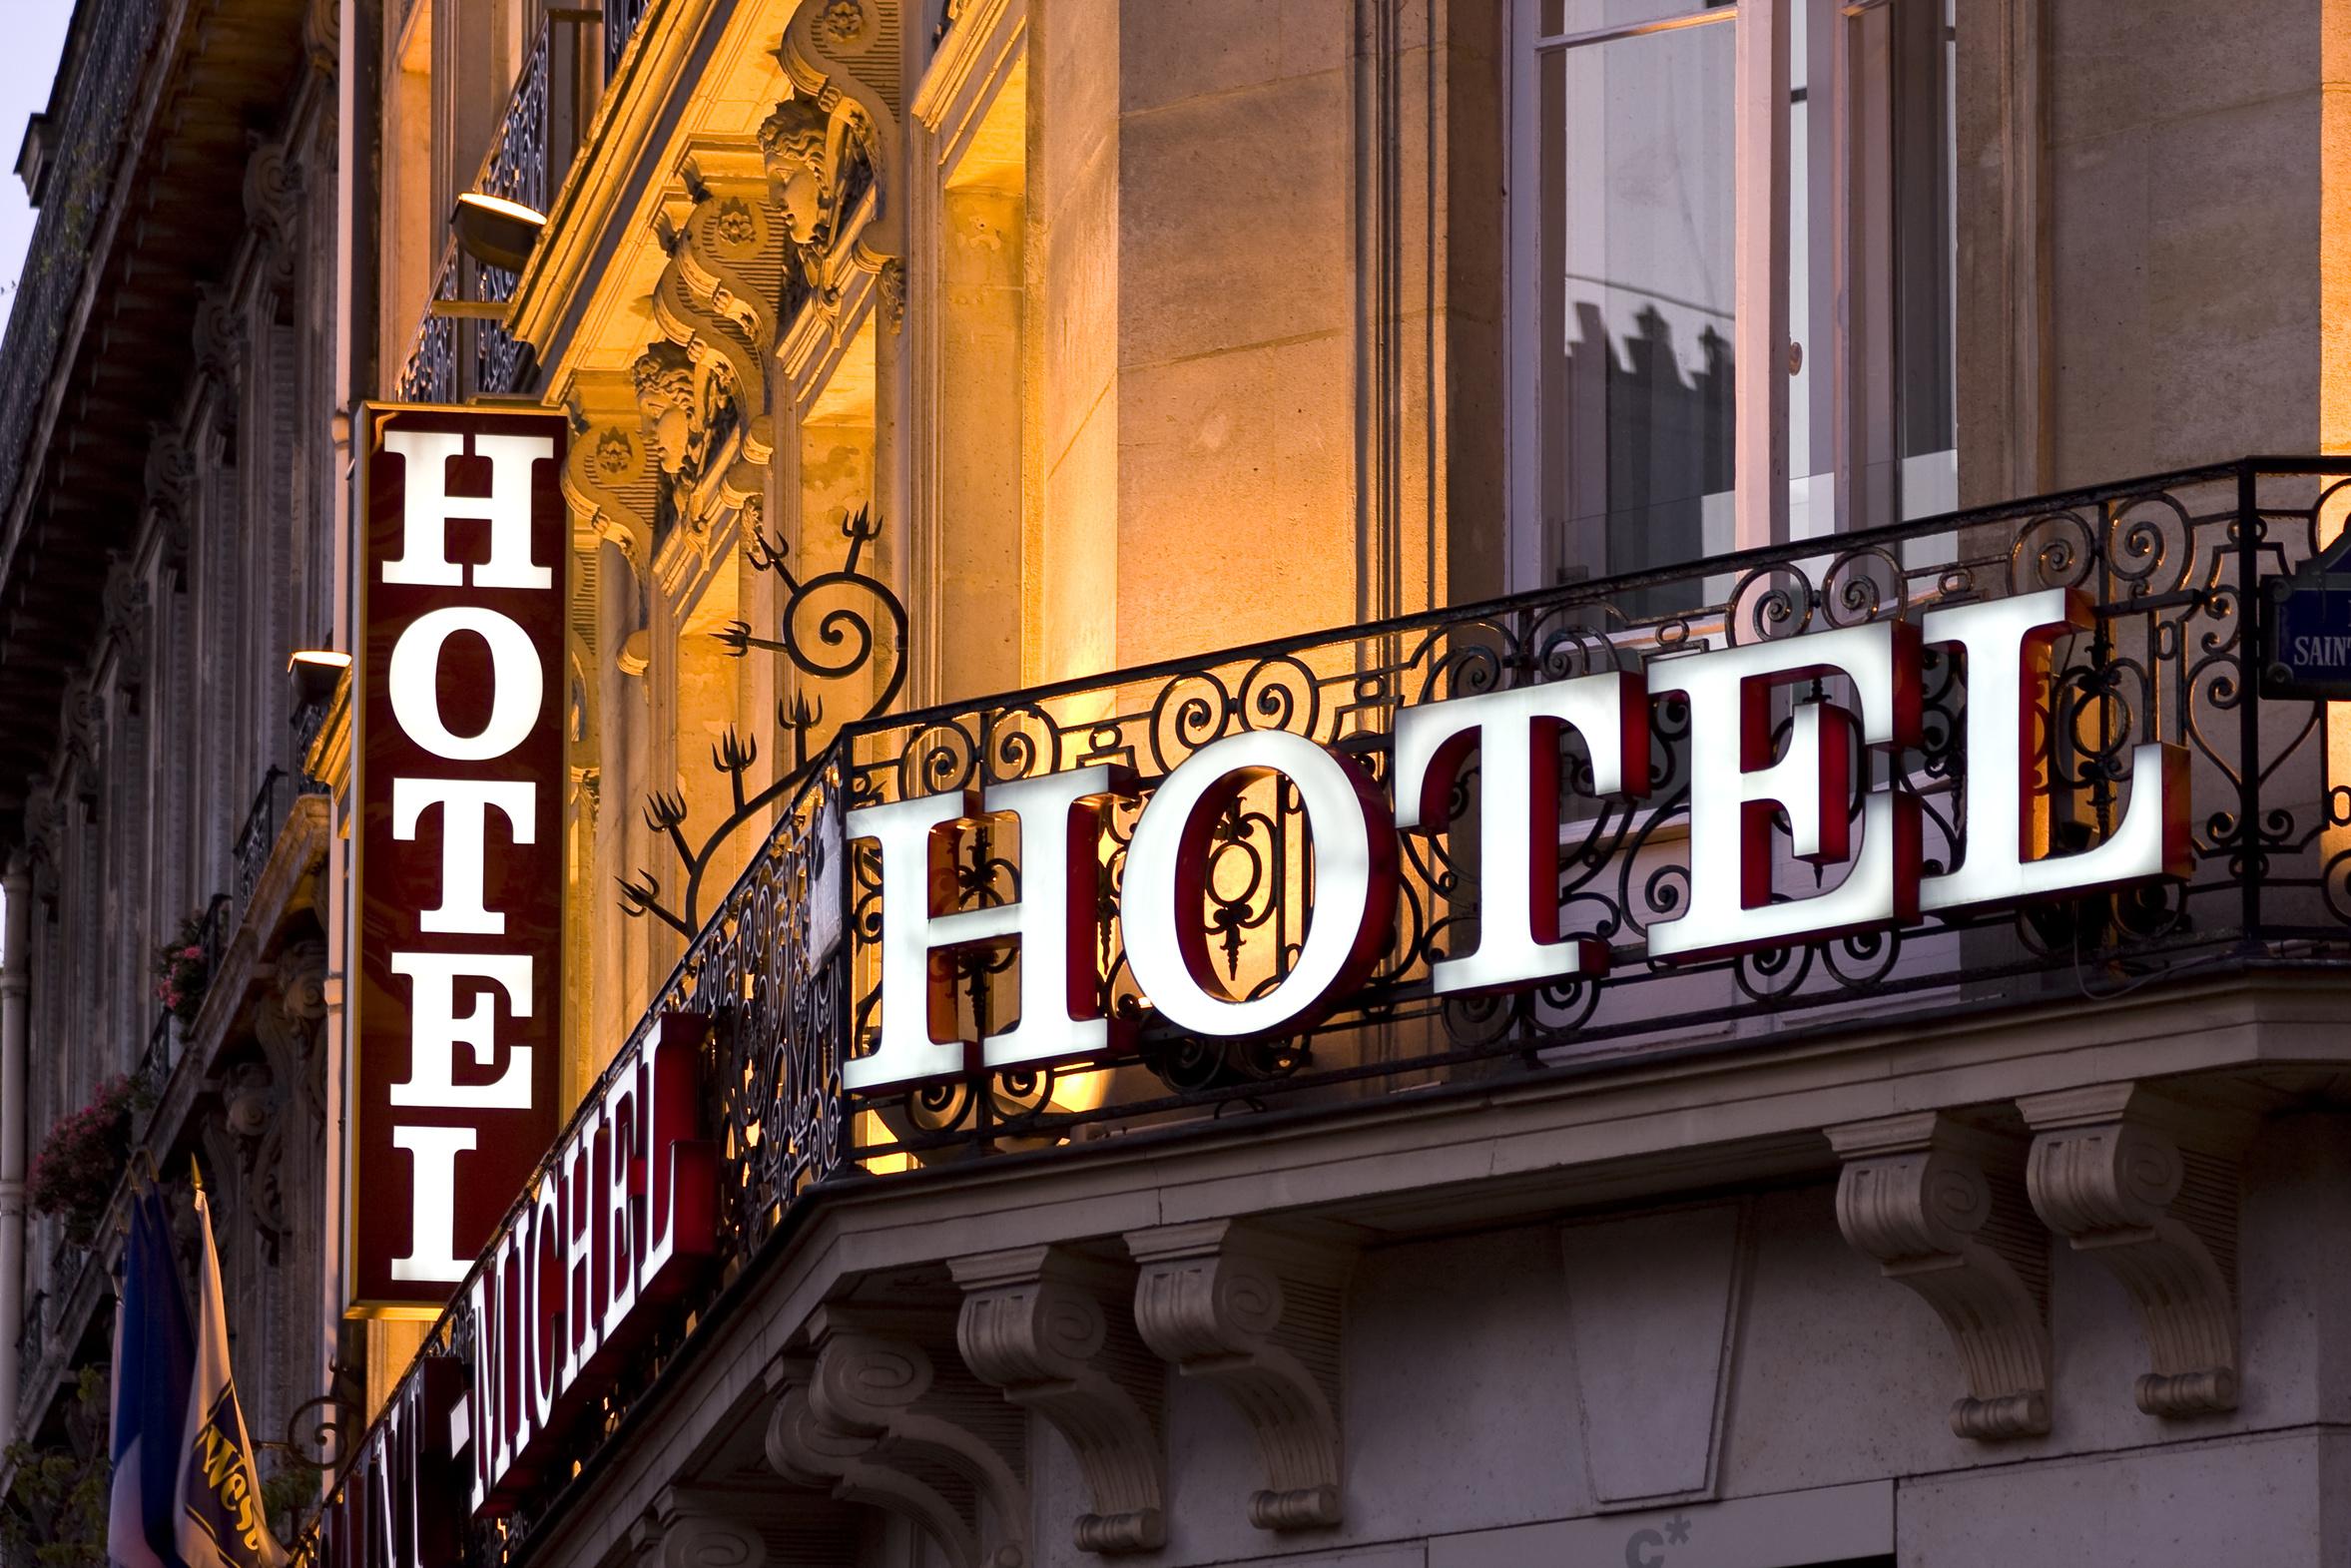 Córdoba: deals du jour - réserver un hôtel entre -5% et -30%